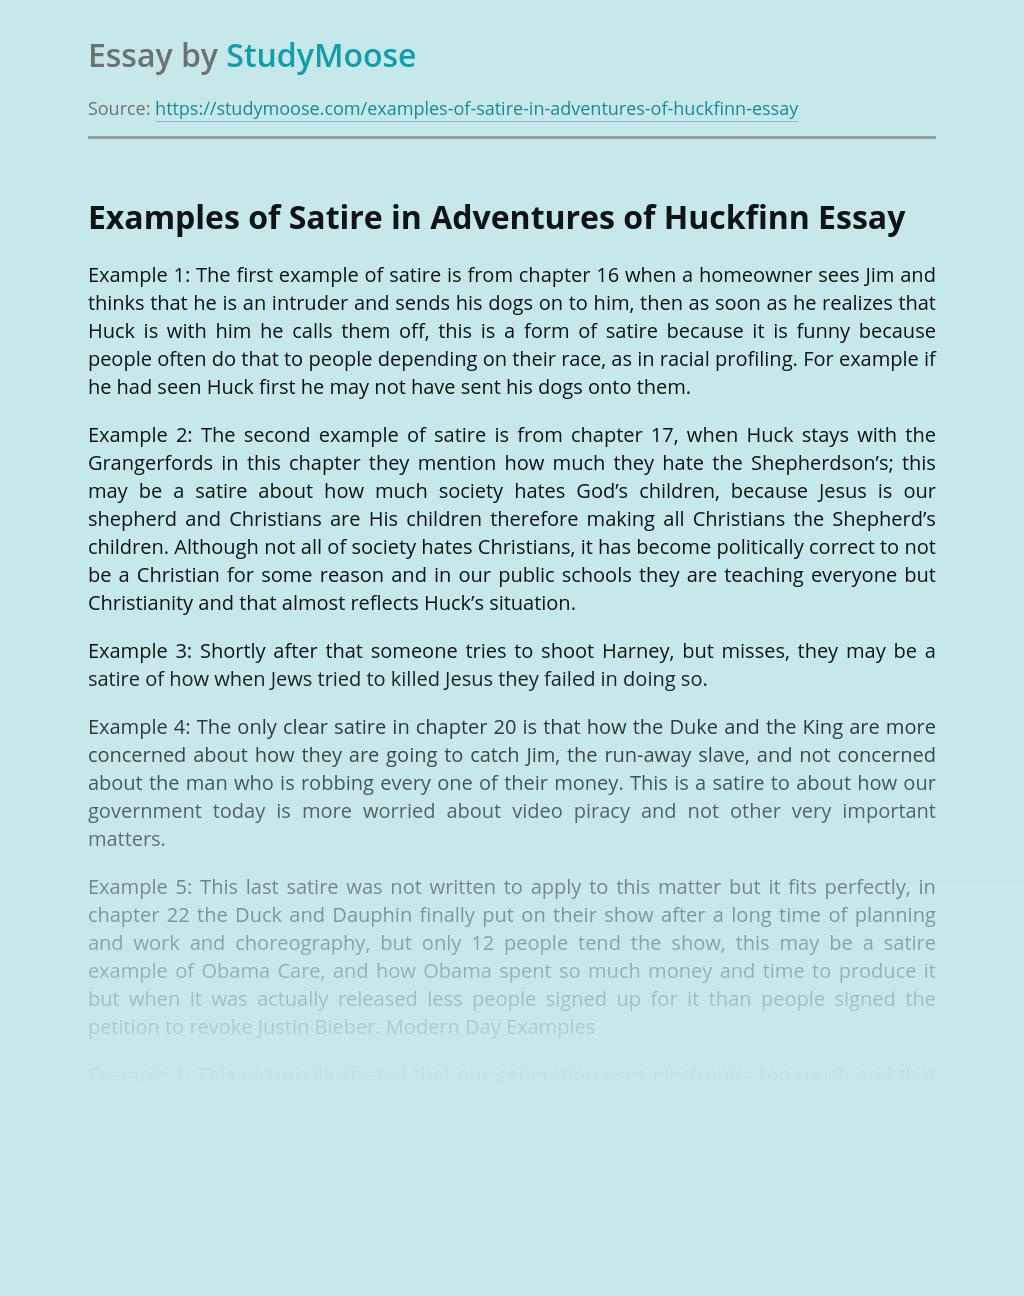 Examples of Satire in Adventures of Huckfinn